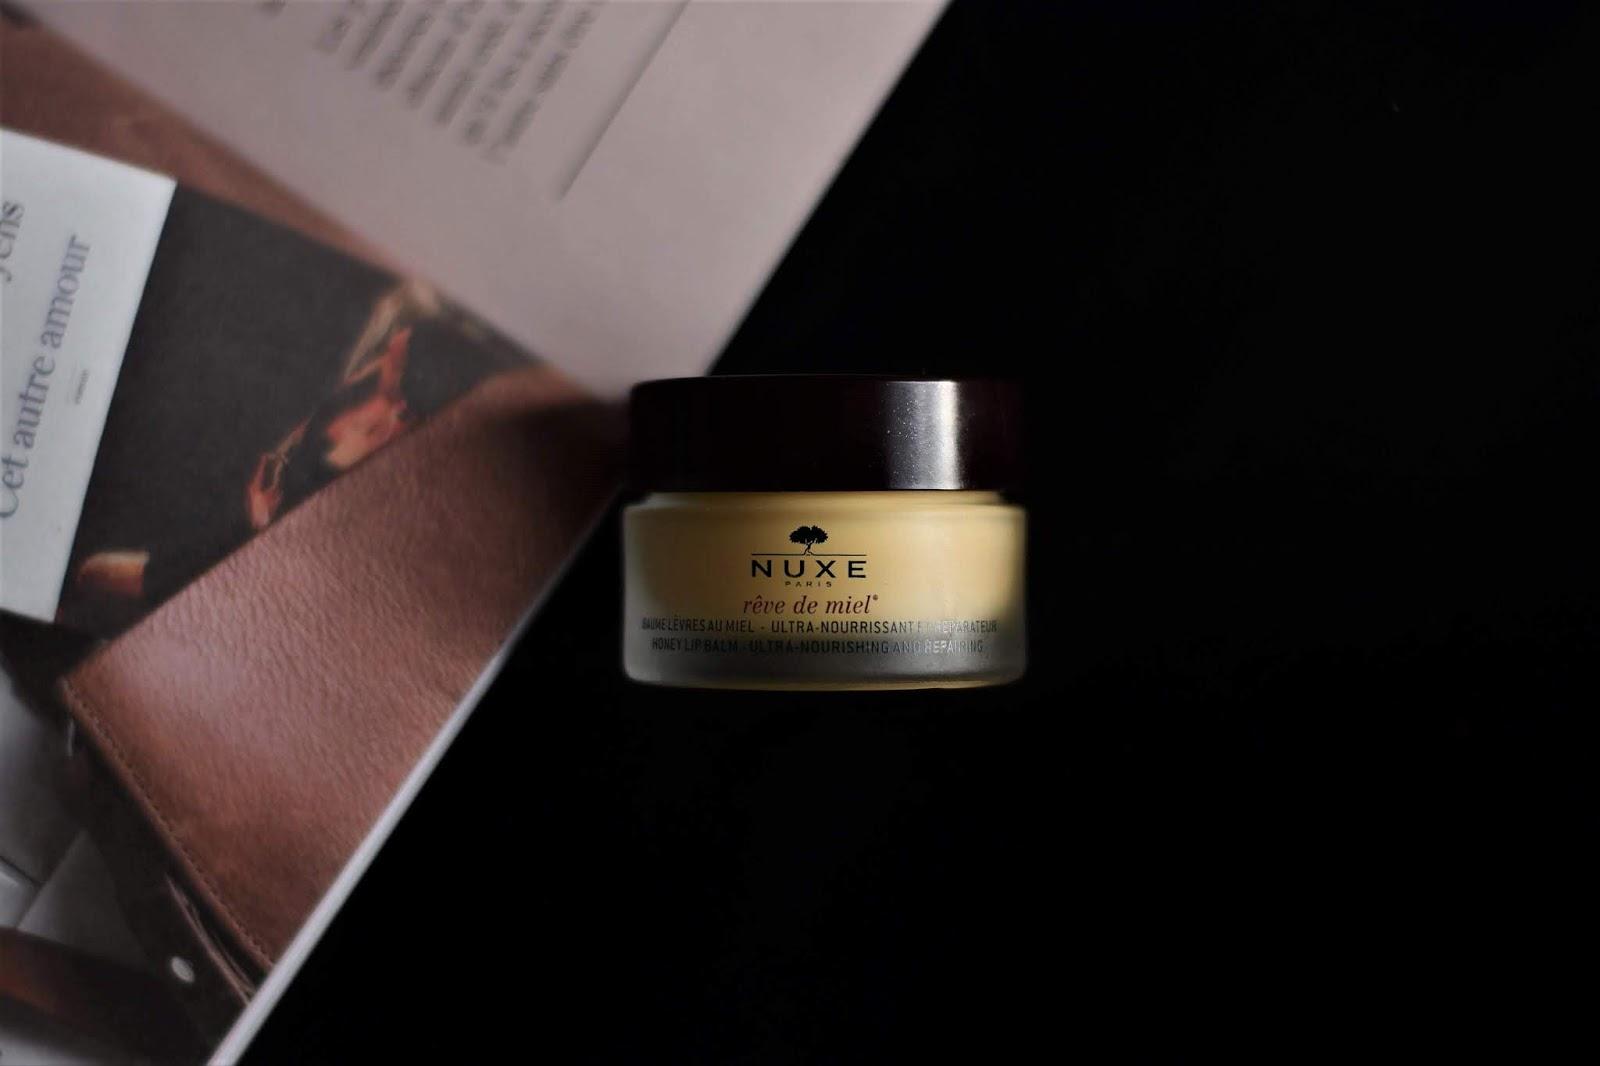 baume-à-lèvres-nuxe-rêve-de-miel-mon-test